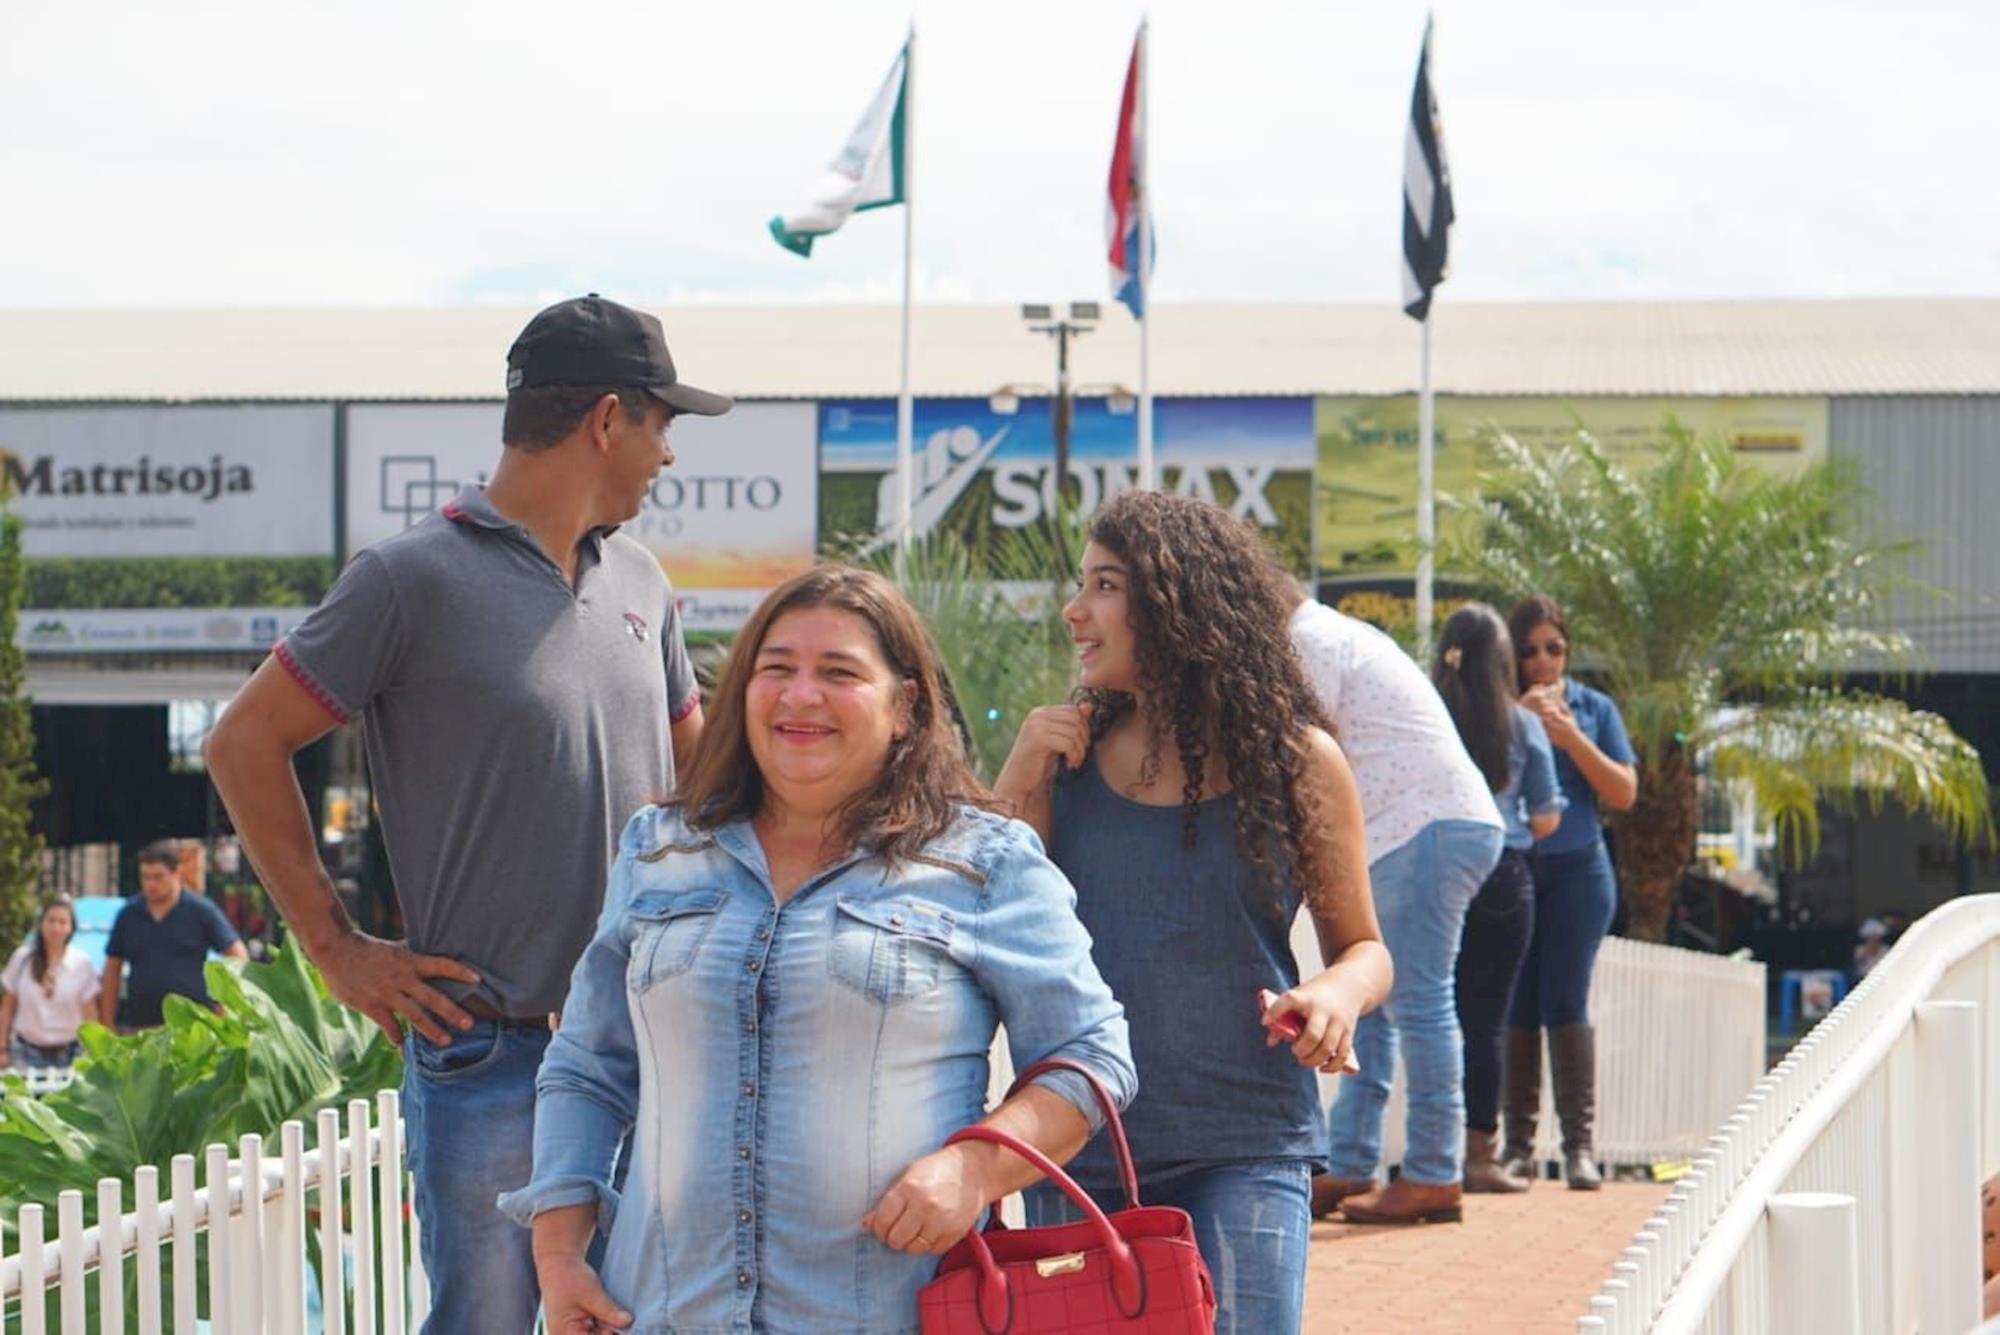 Equipe Gessulli apresenta novidades sobre a AveSui EuroTier na Expo Santa Rita no Paraguai, Equipe Gessulli apresenta novidades sobre a AveSui EuroTier na Expo Santa Rita no Paraguai